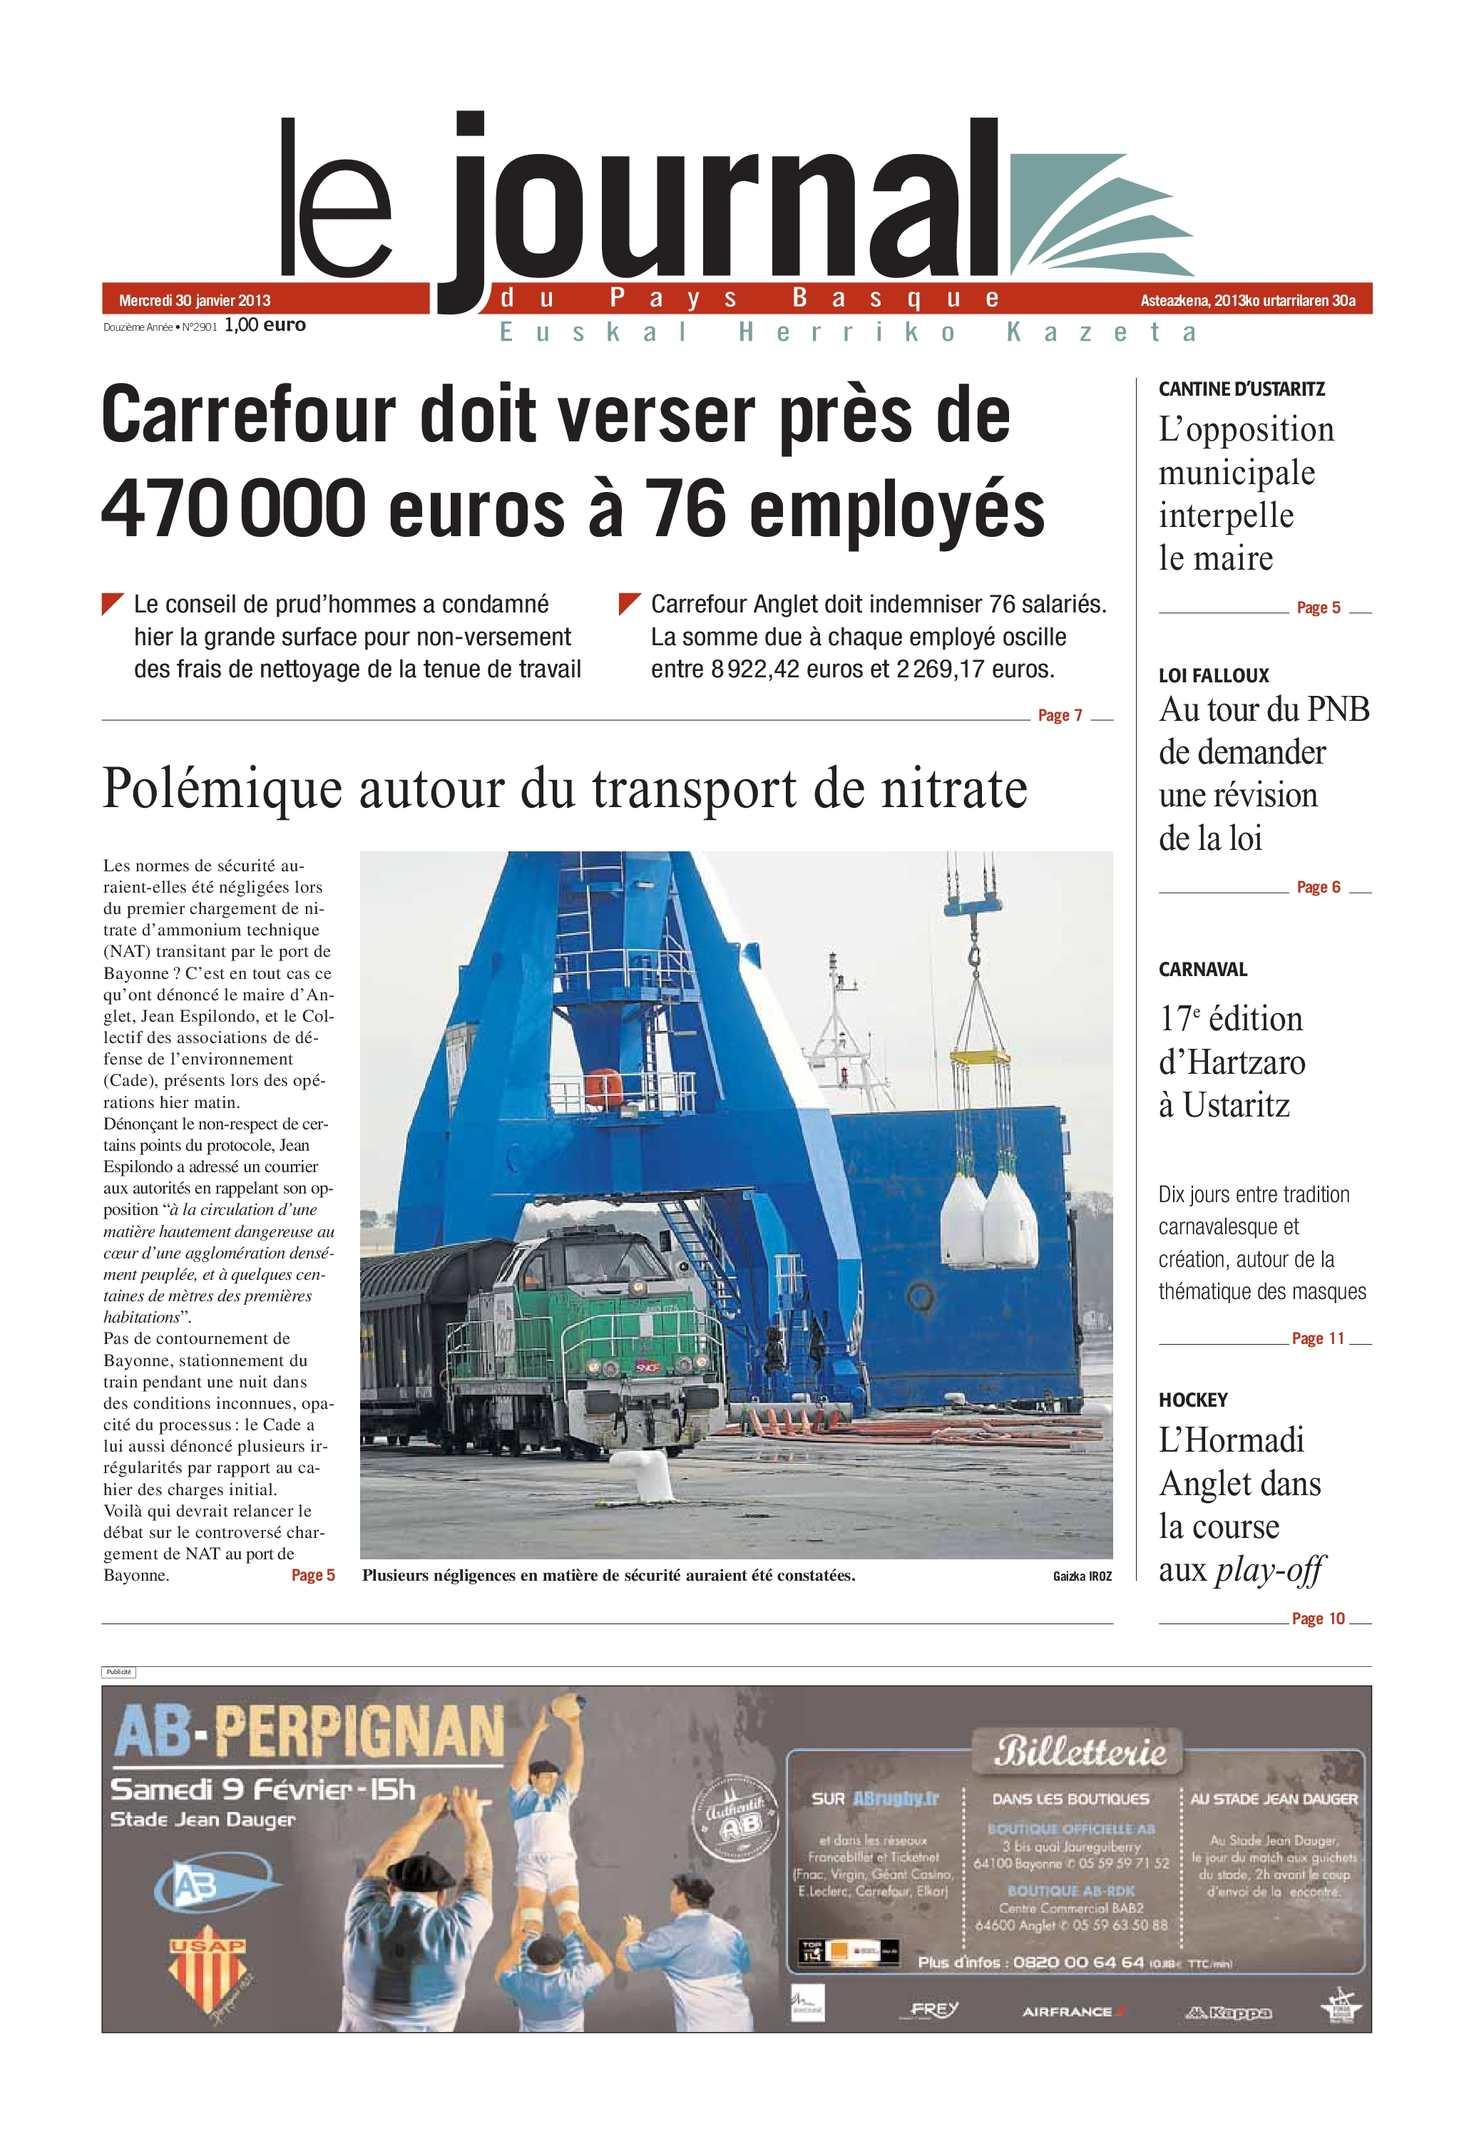 Calaméo Le Journal Du Pays Basque 20130130